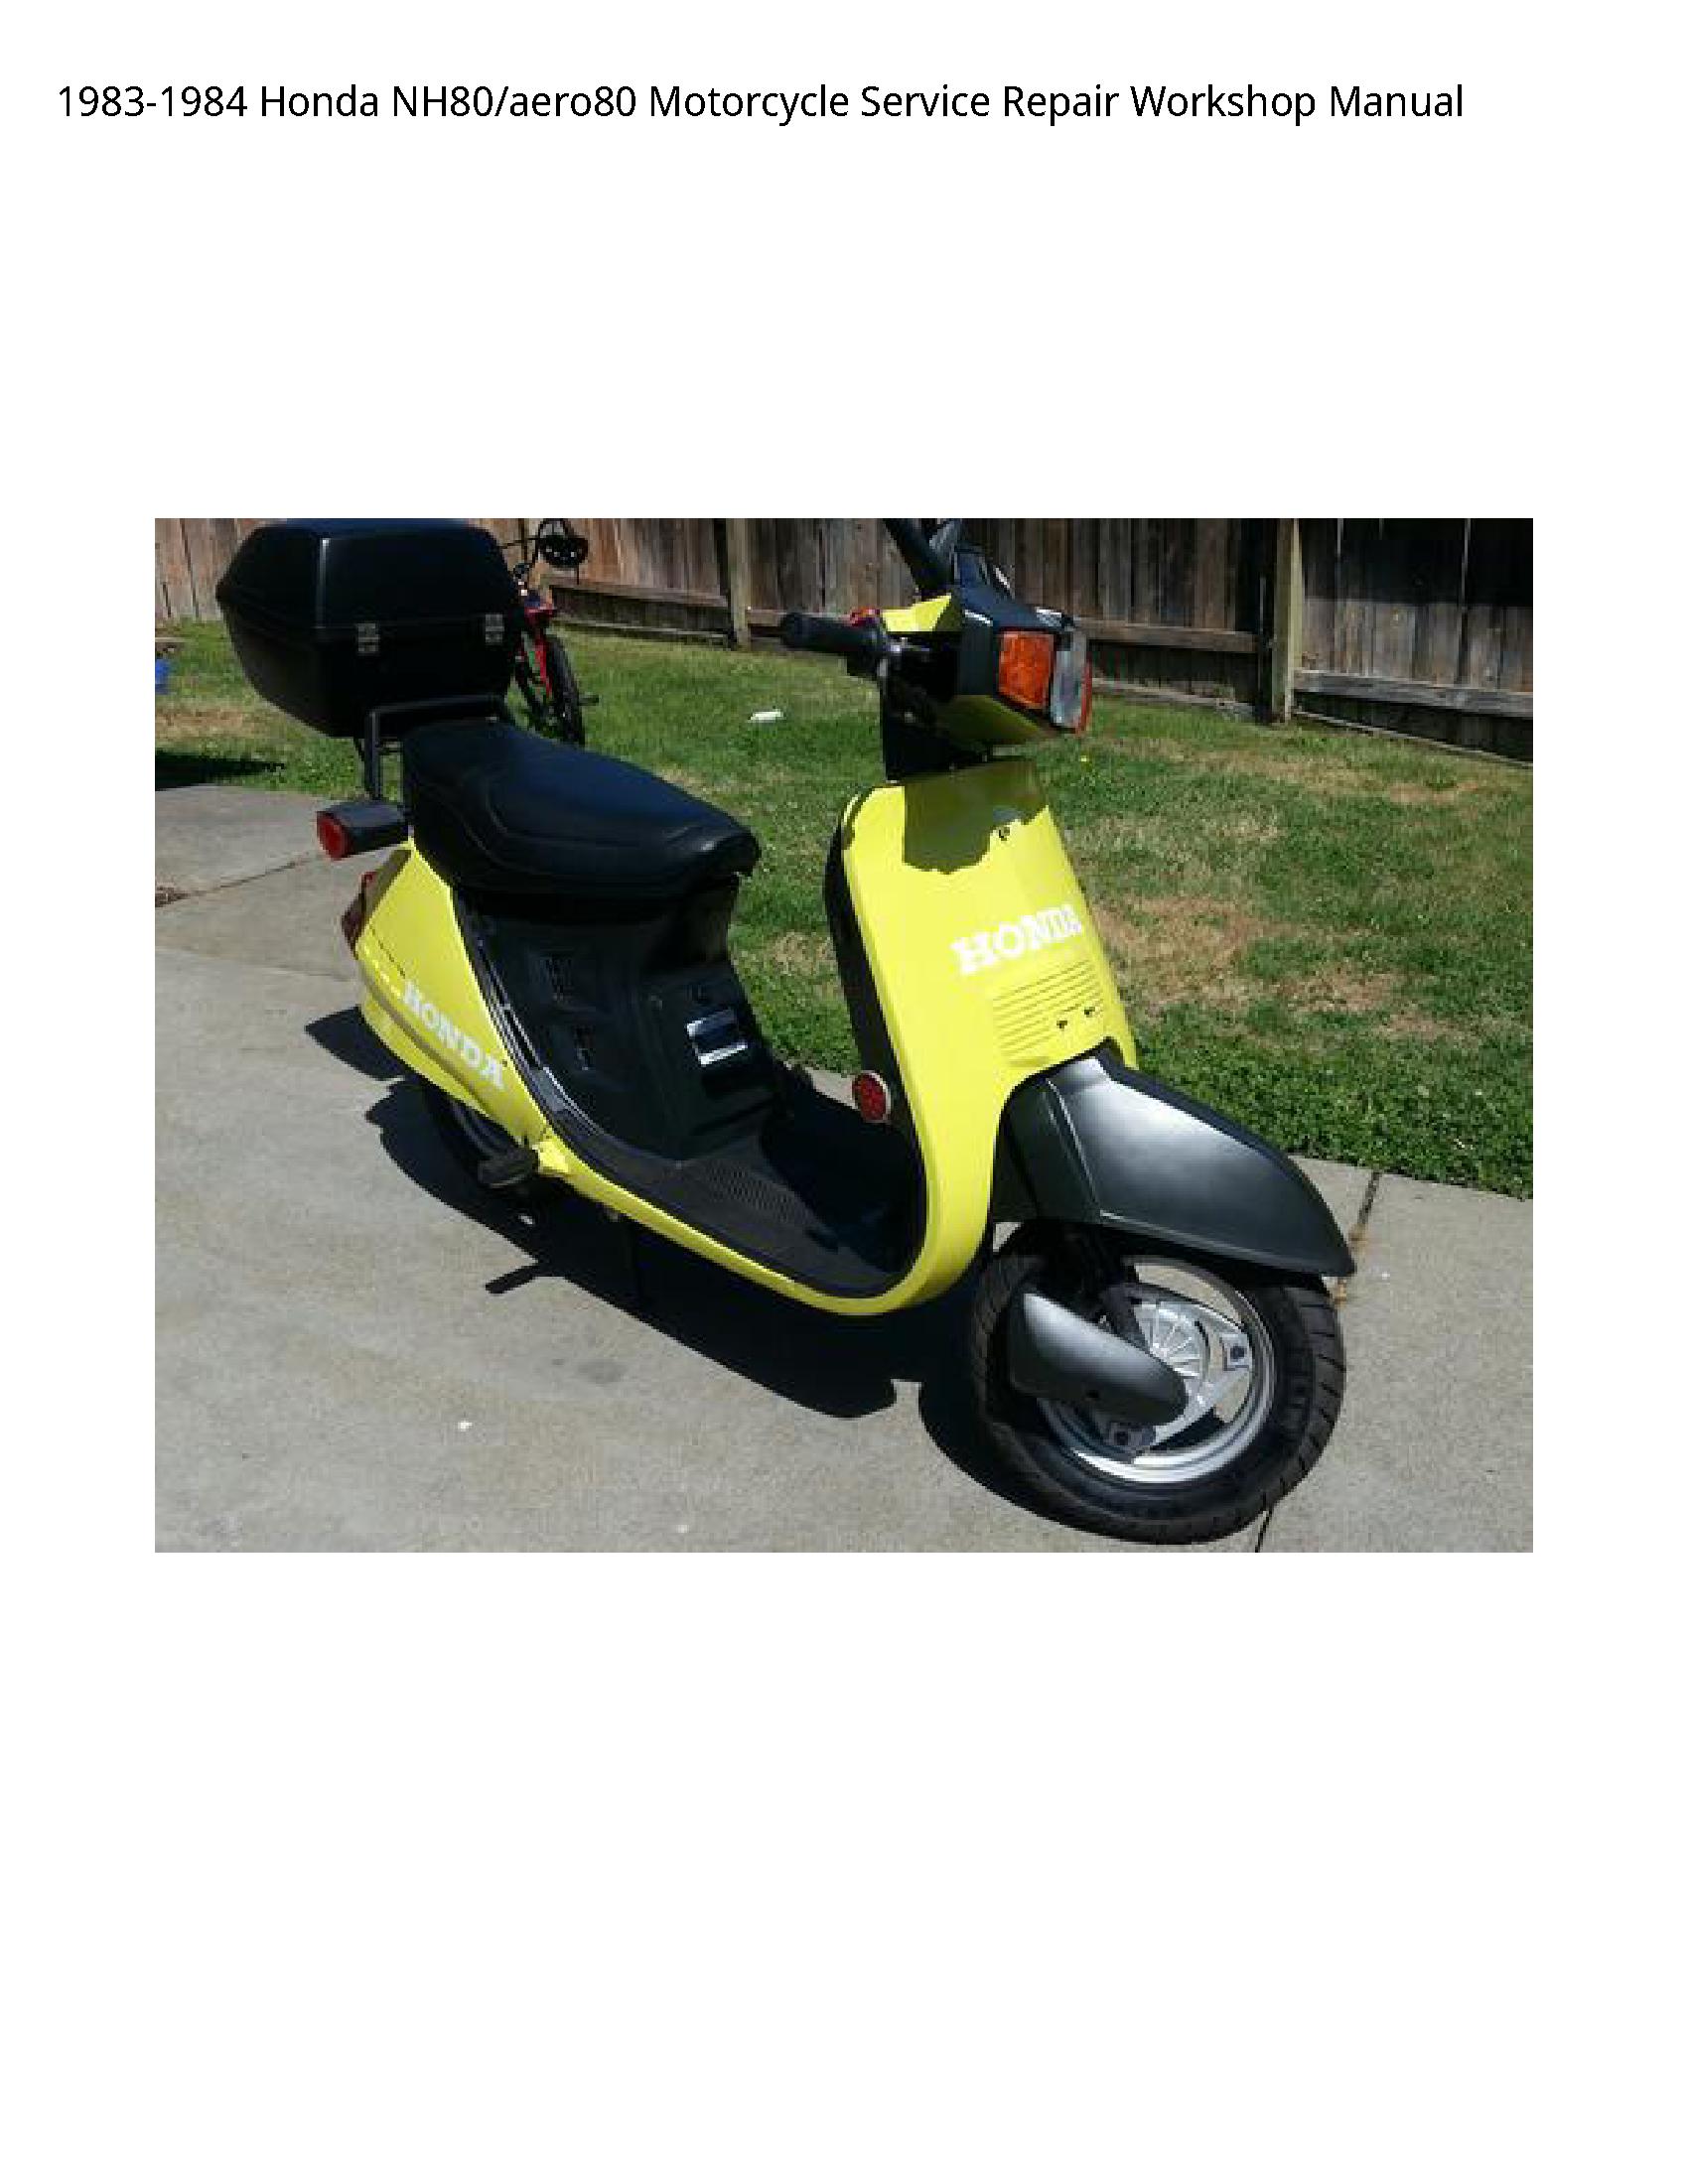 Honda NH80 Motorcycle manual